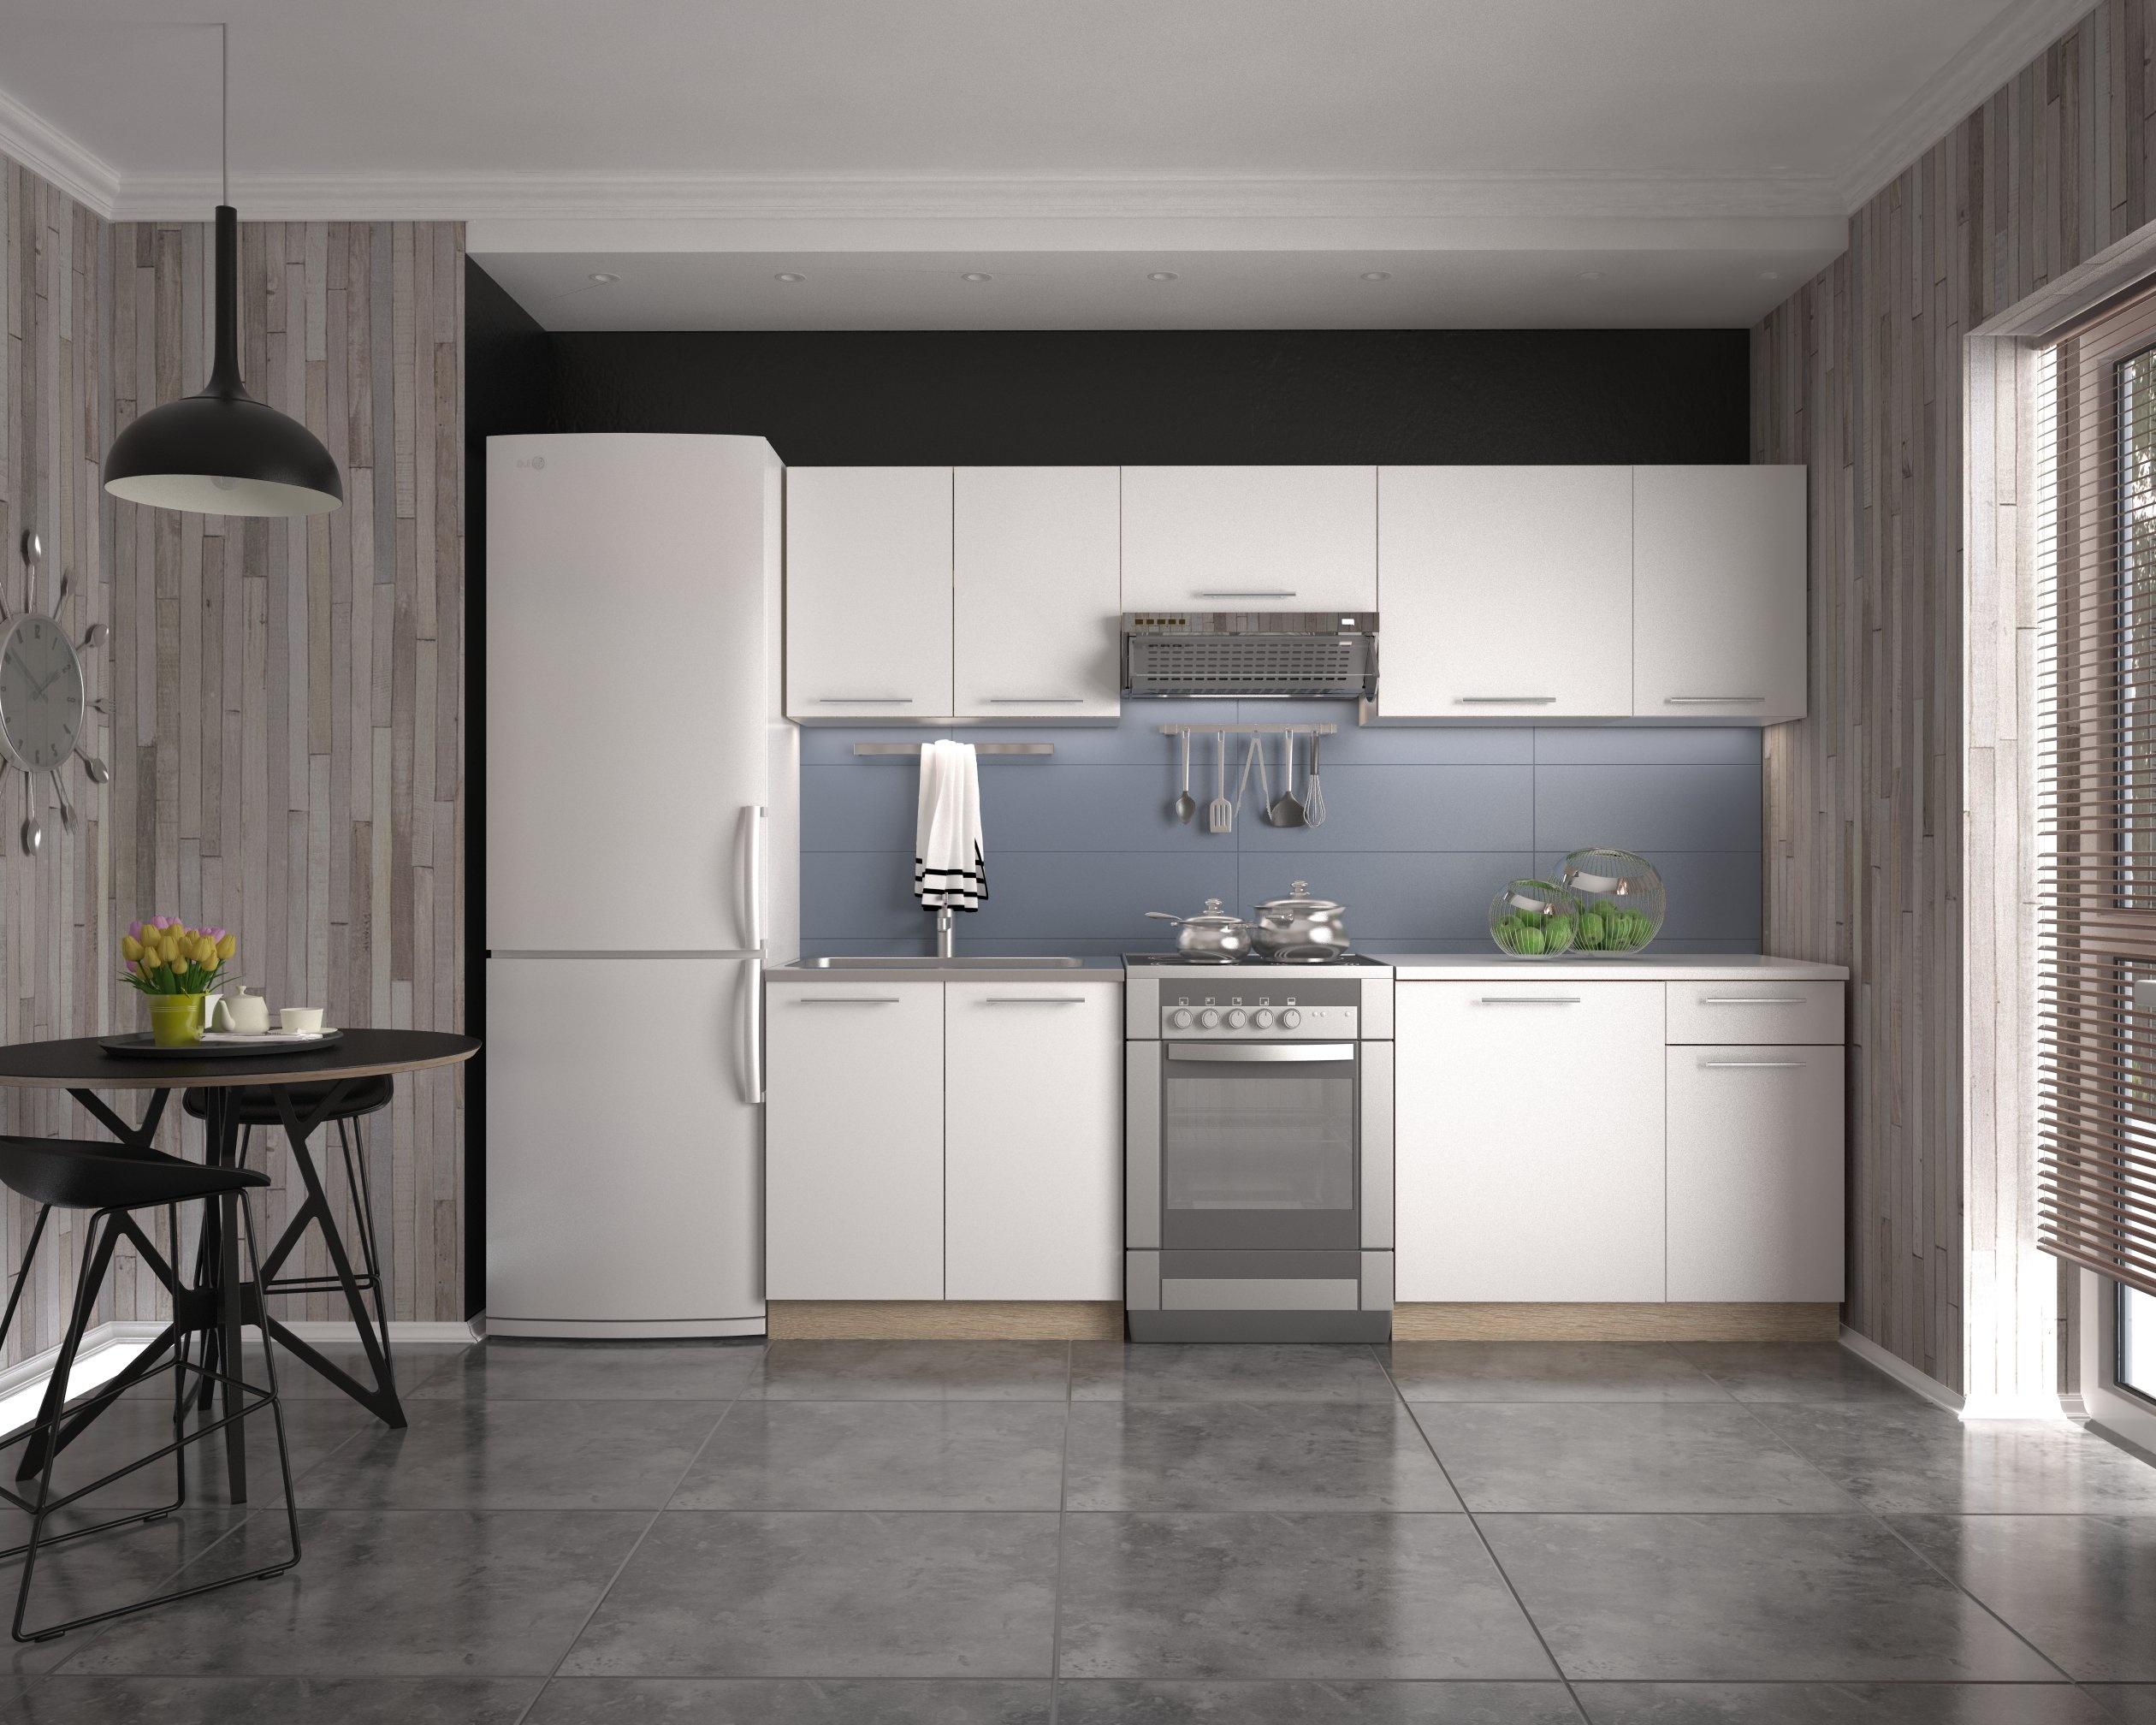 Halmar Kuchyně DARIA 240 cm, korpus: dub sonoma, dvířka: bílé